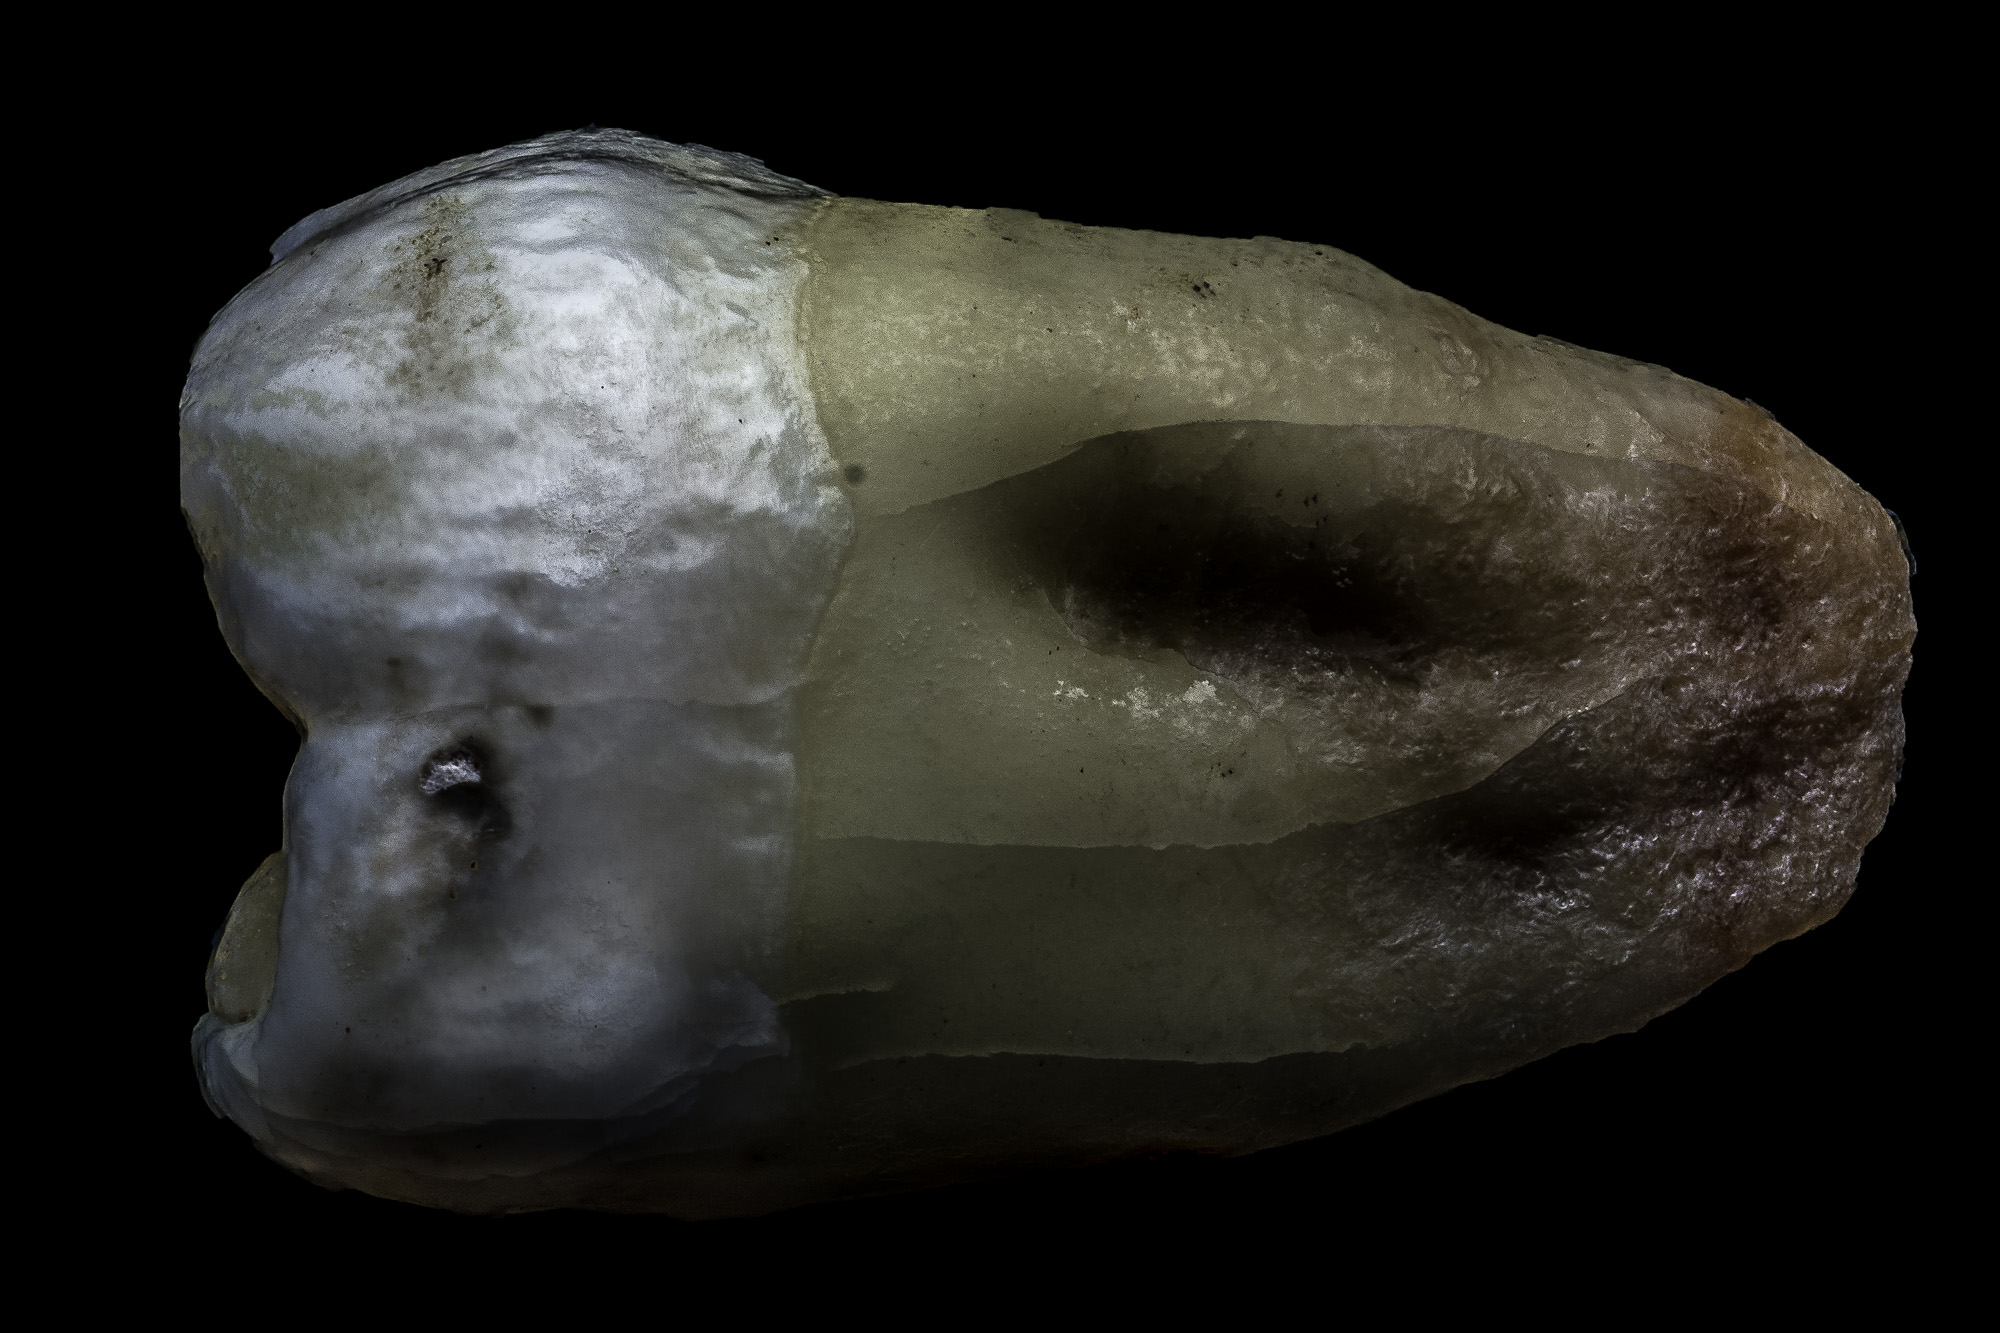 neal-auch-human-teeth-Nov-2018-6.jpg